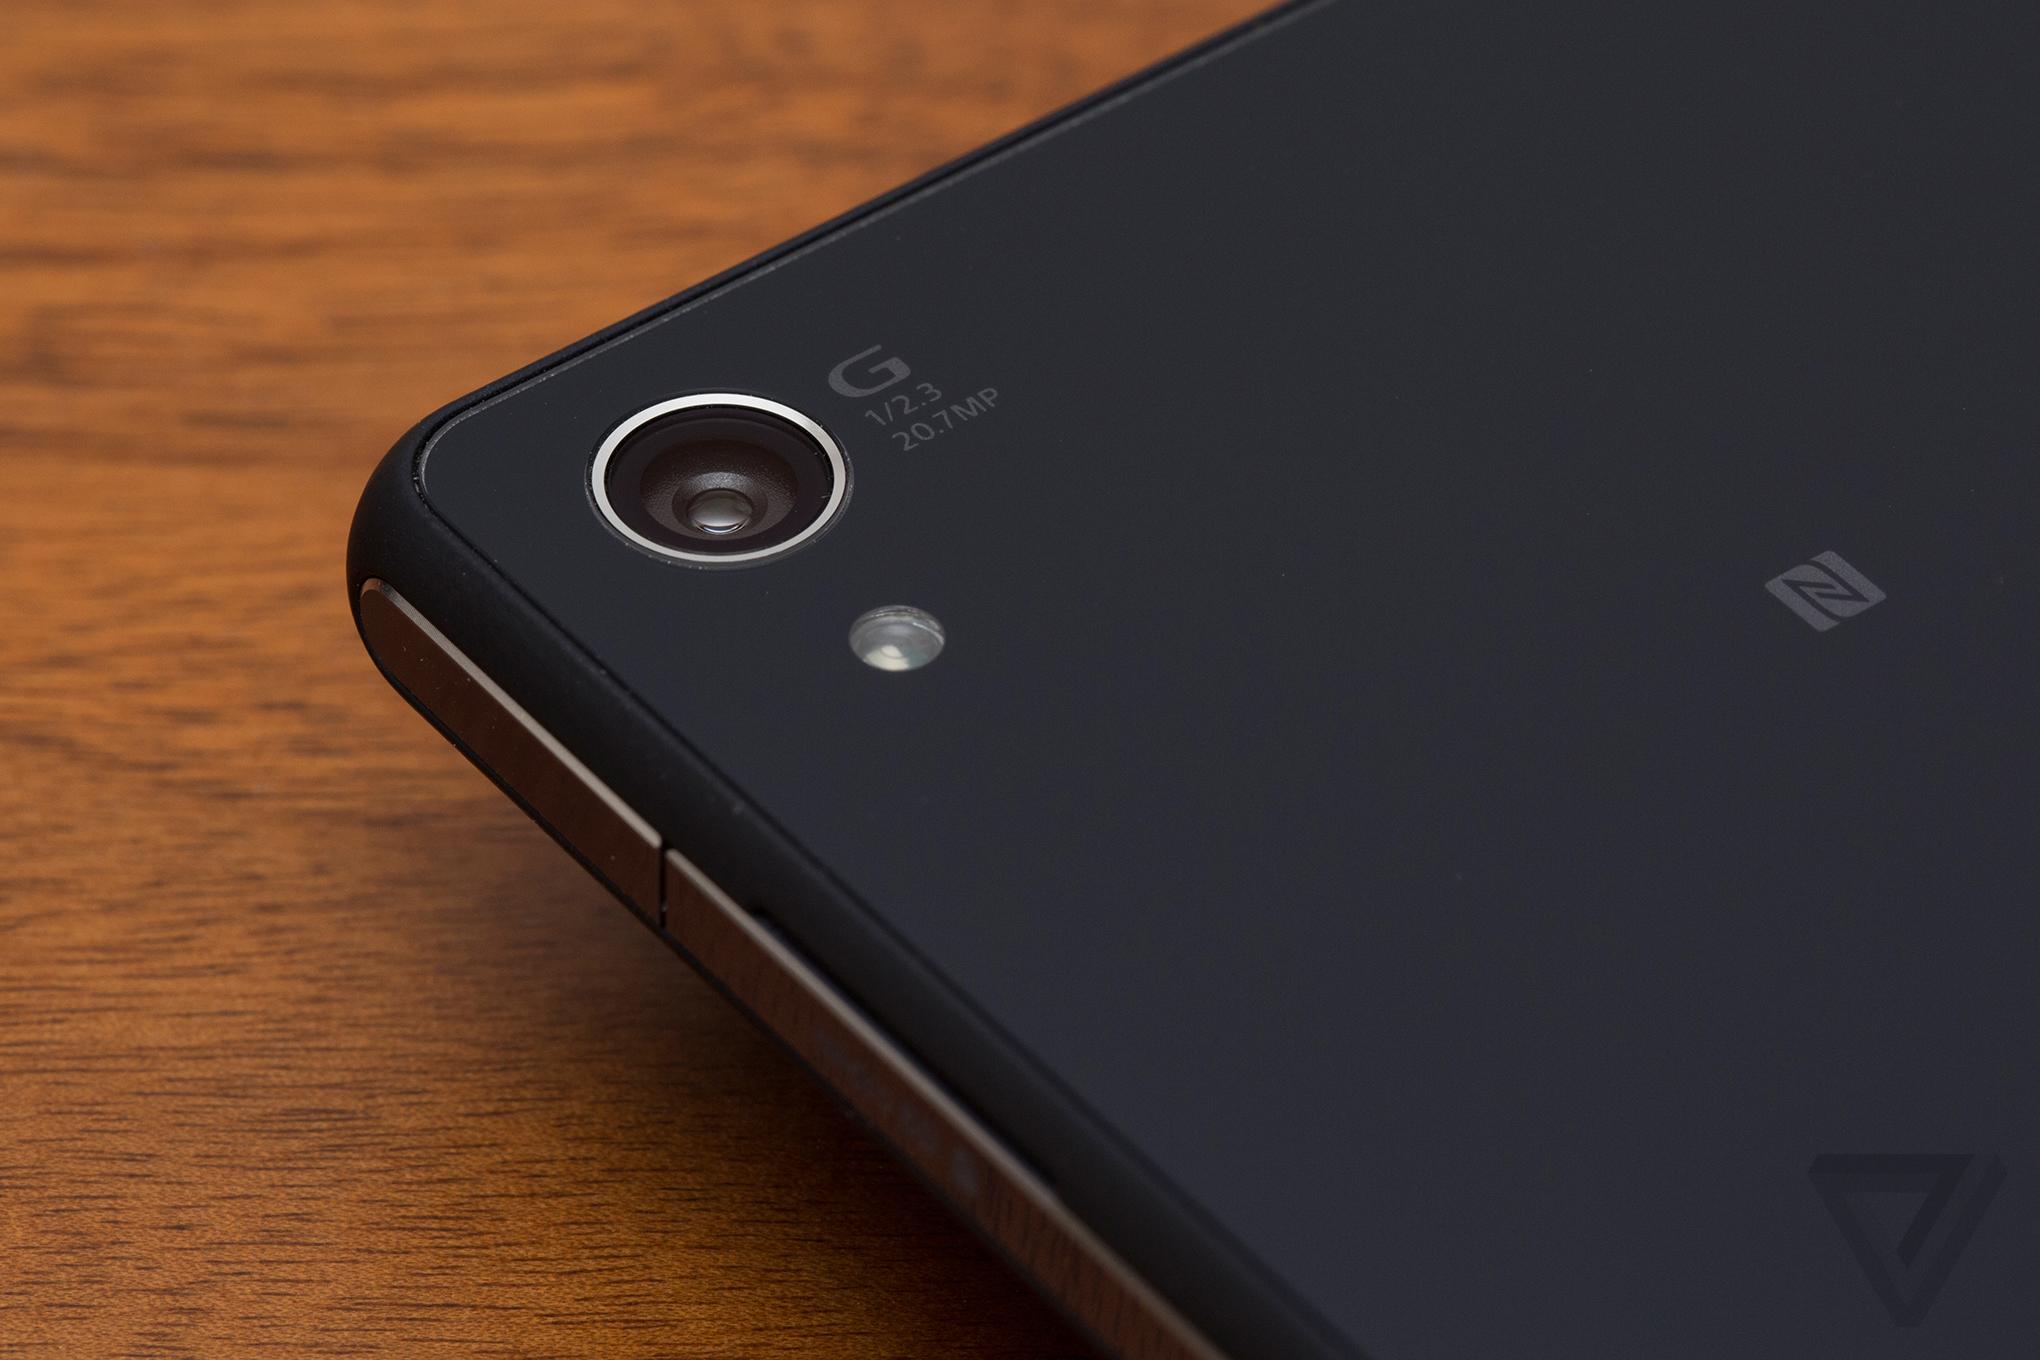 Xperia Z3v Sony Xperia Z3v review...